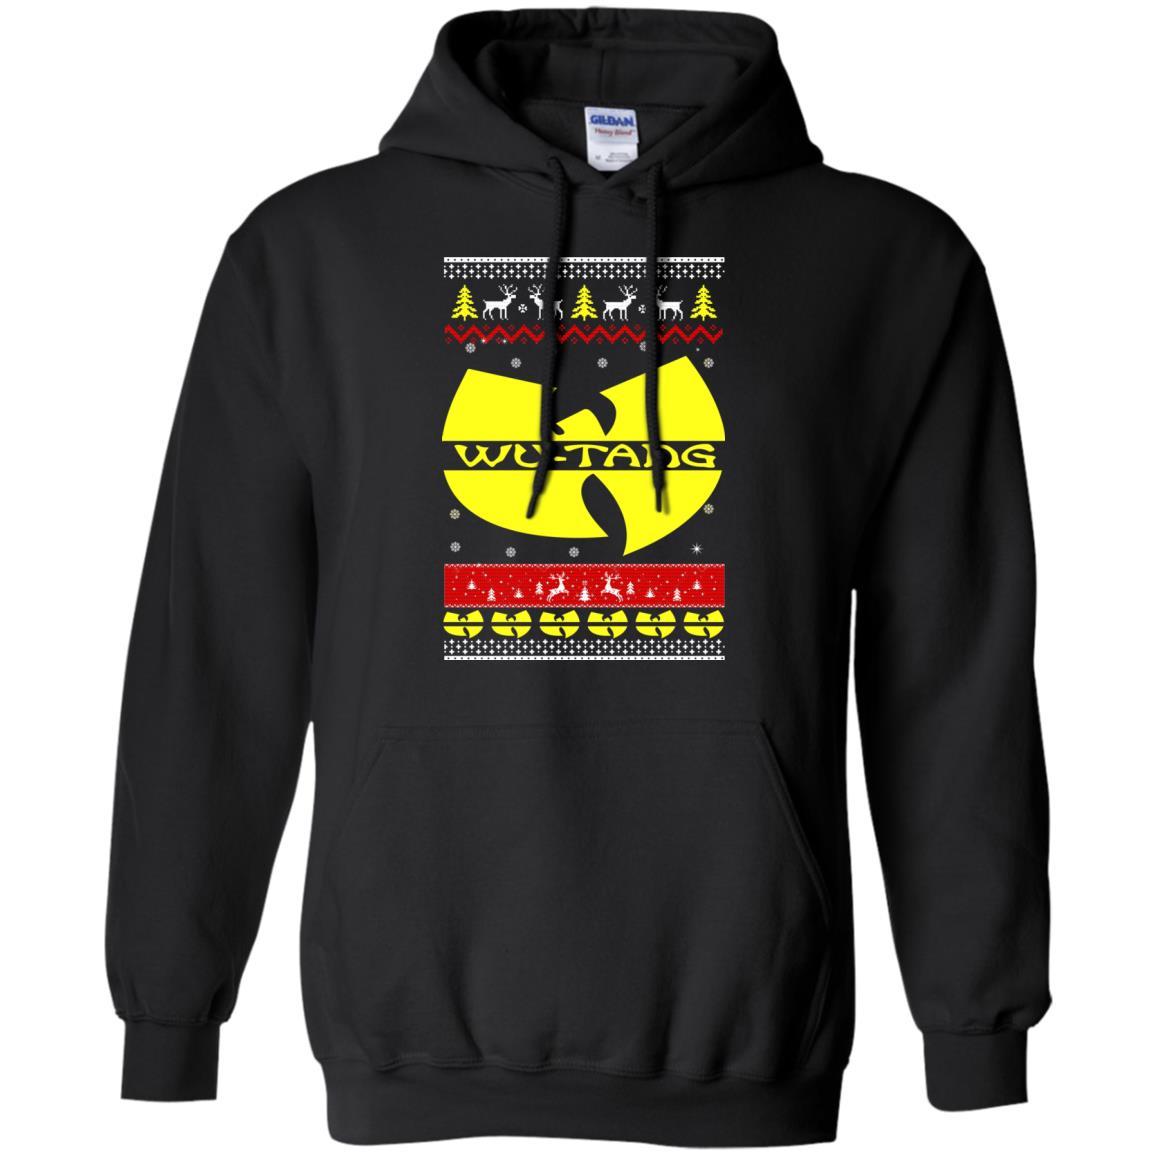 image 1173 - Wu Tang Christmas Sweater, Ugly Sweatshirt